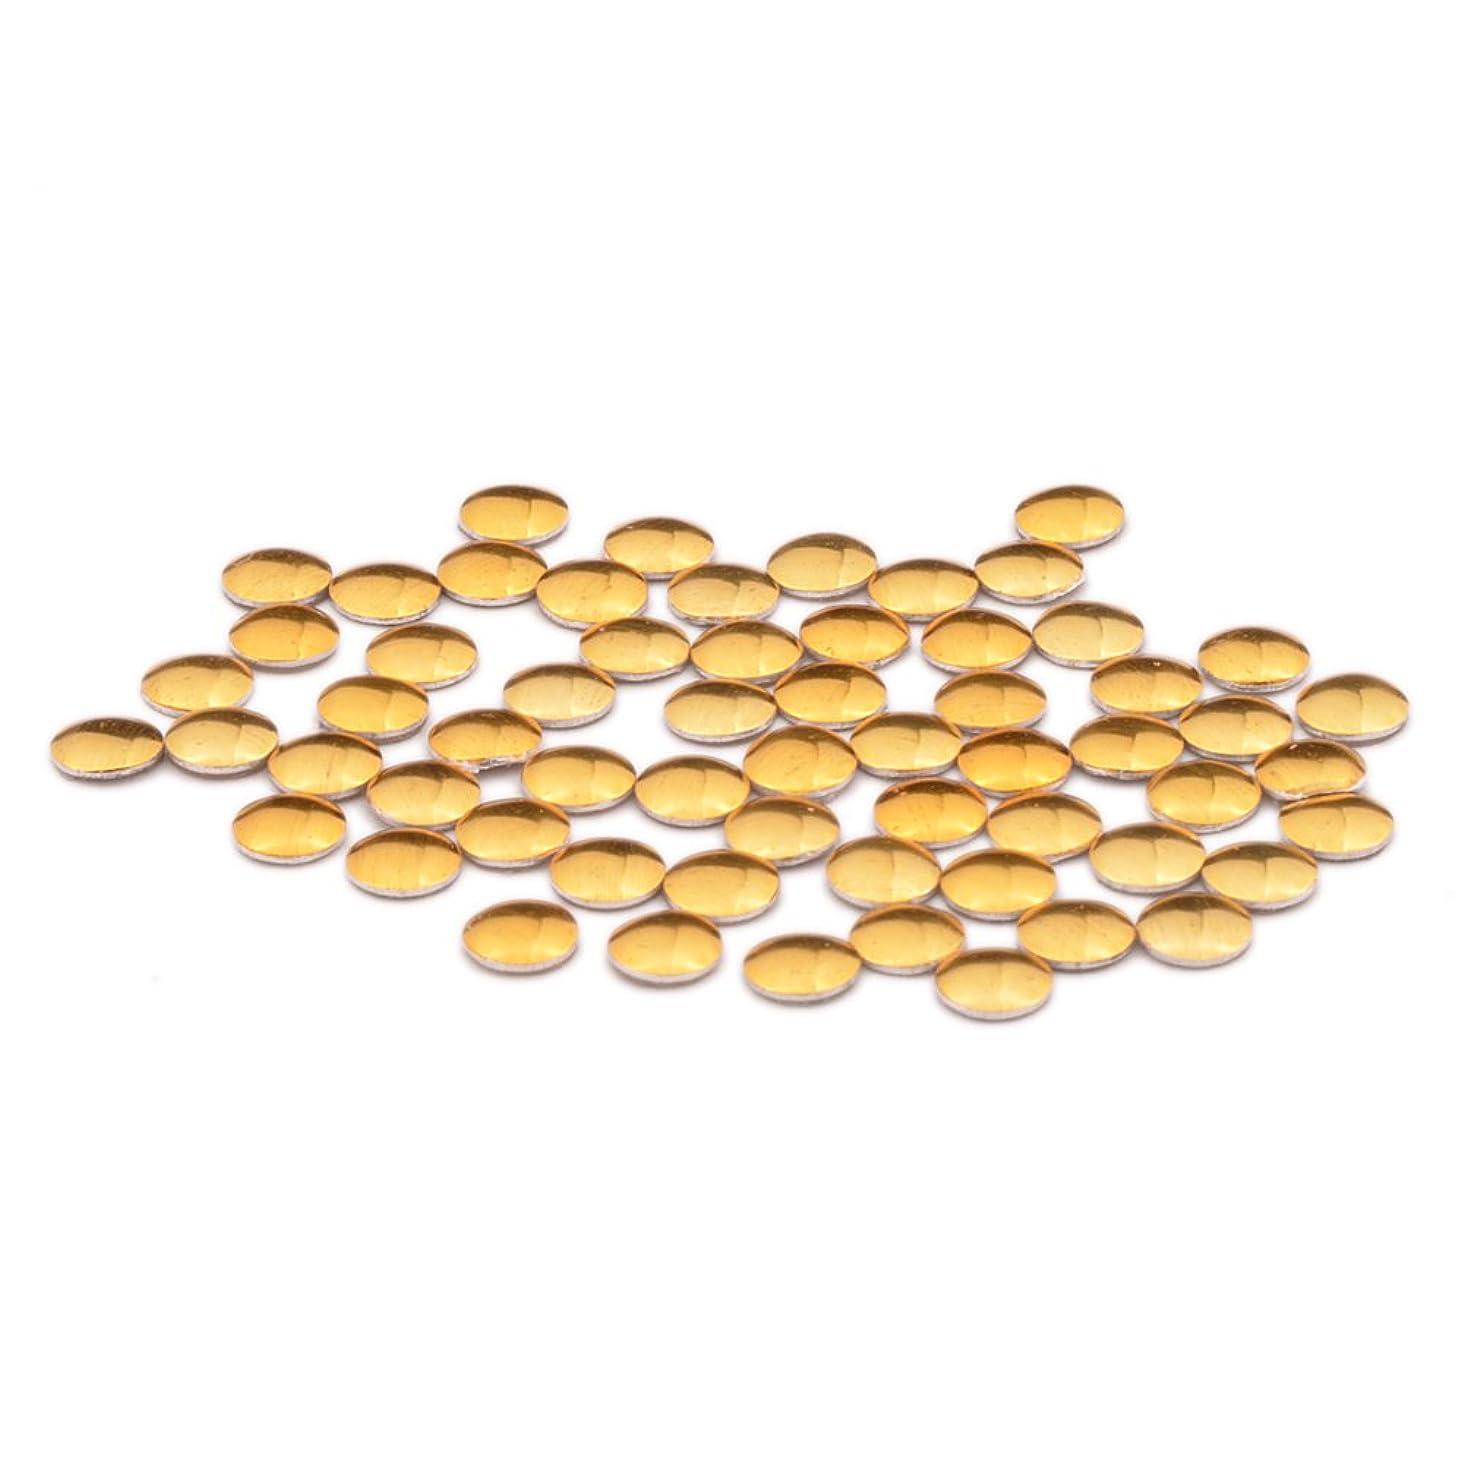 人生を作るスーダンヶ月目ラウンド メタルスタッズ 丸型(0.8mm/1mm/1.2mm/1.5mm/2mm/2.5mm/3mm)約50粒入り (0.8mm, ゴールド)